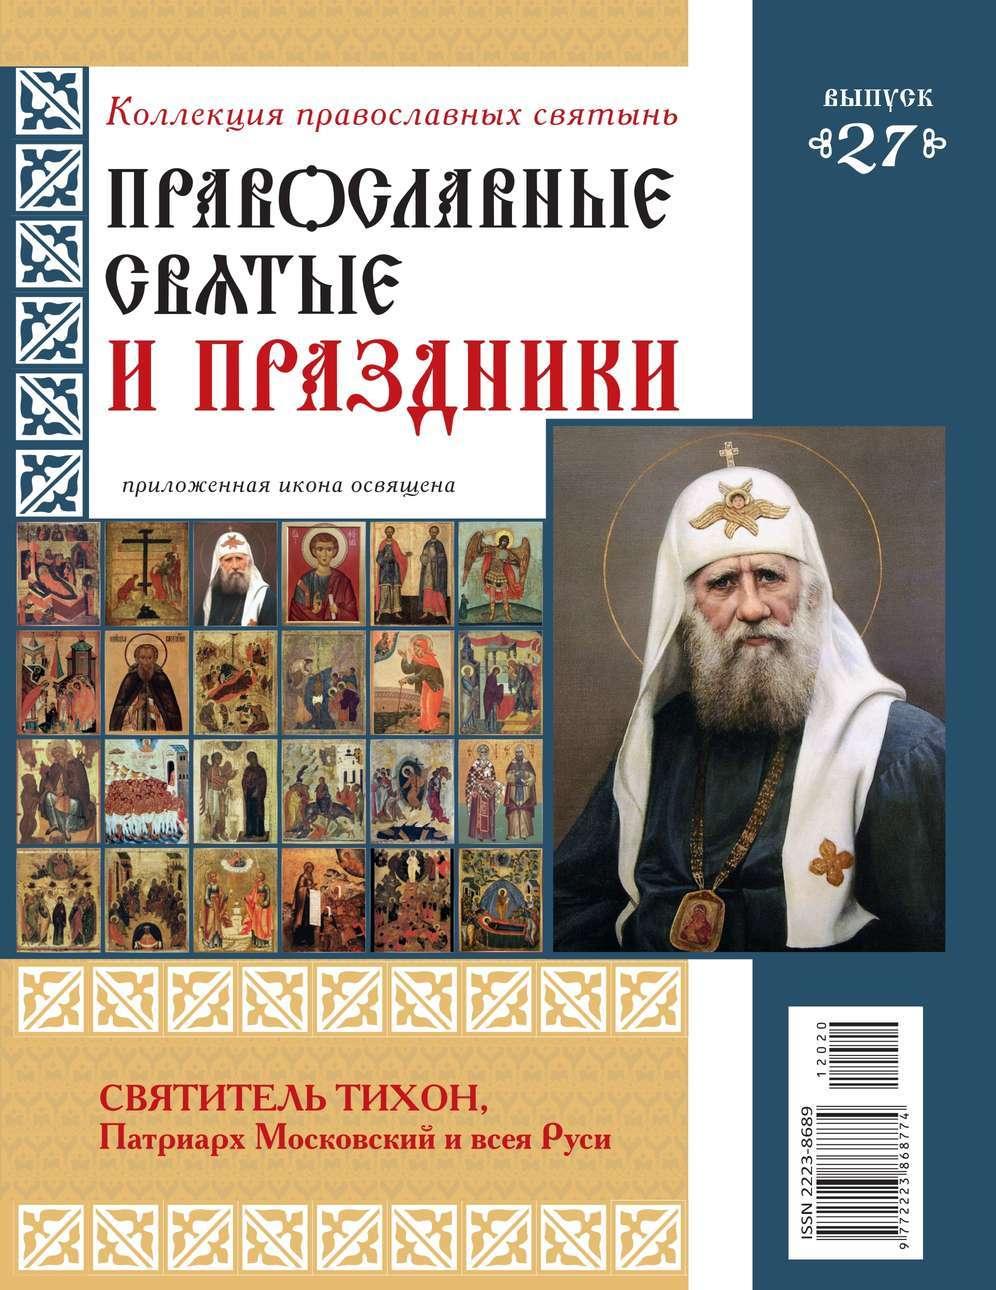 Коллекция Православных Святынь 27